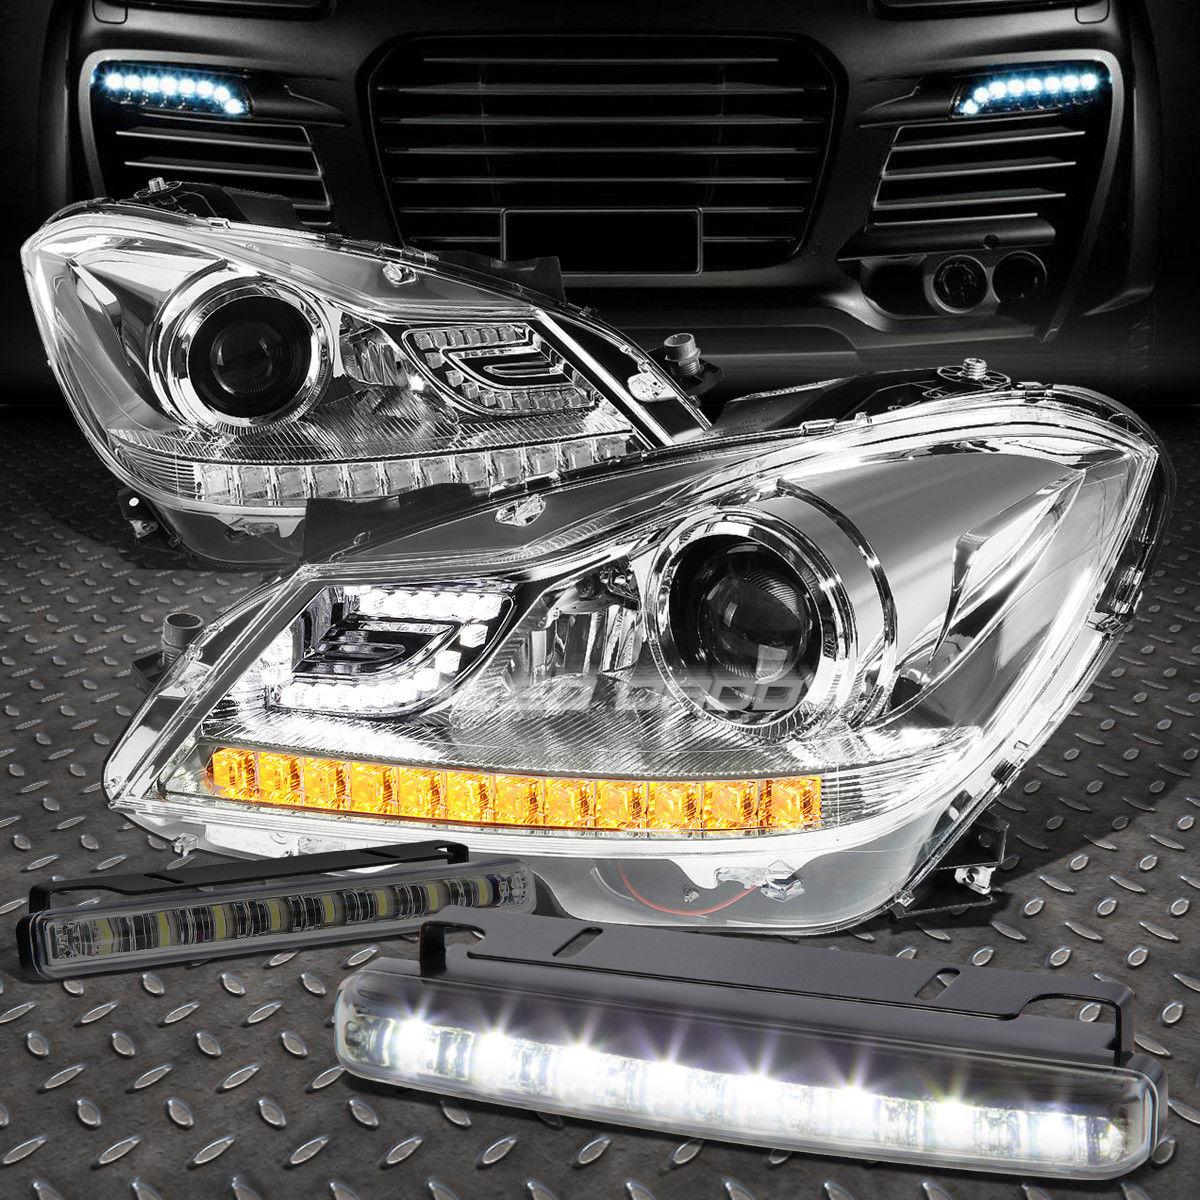 フォグライト CHROME HALO PROJECTOR HEADLIGHT+8 LED SMOKE FOG LIGHT FOR 12-14 C-CLASS W204 クロームハロープロジェクターヘッドライト+ 8個のLED煙霧ライト12-14 CクラスW204用